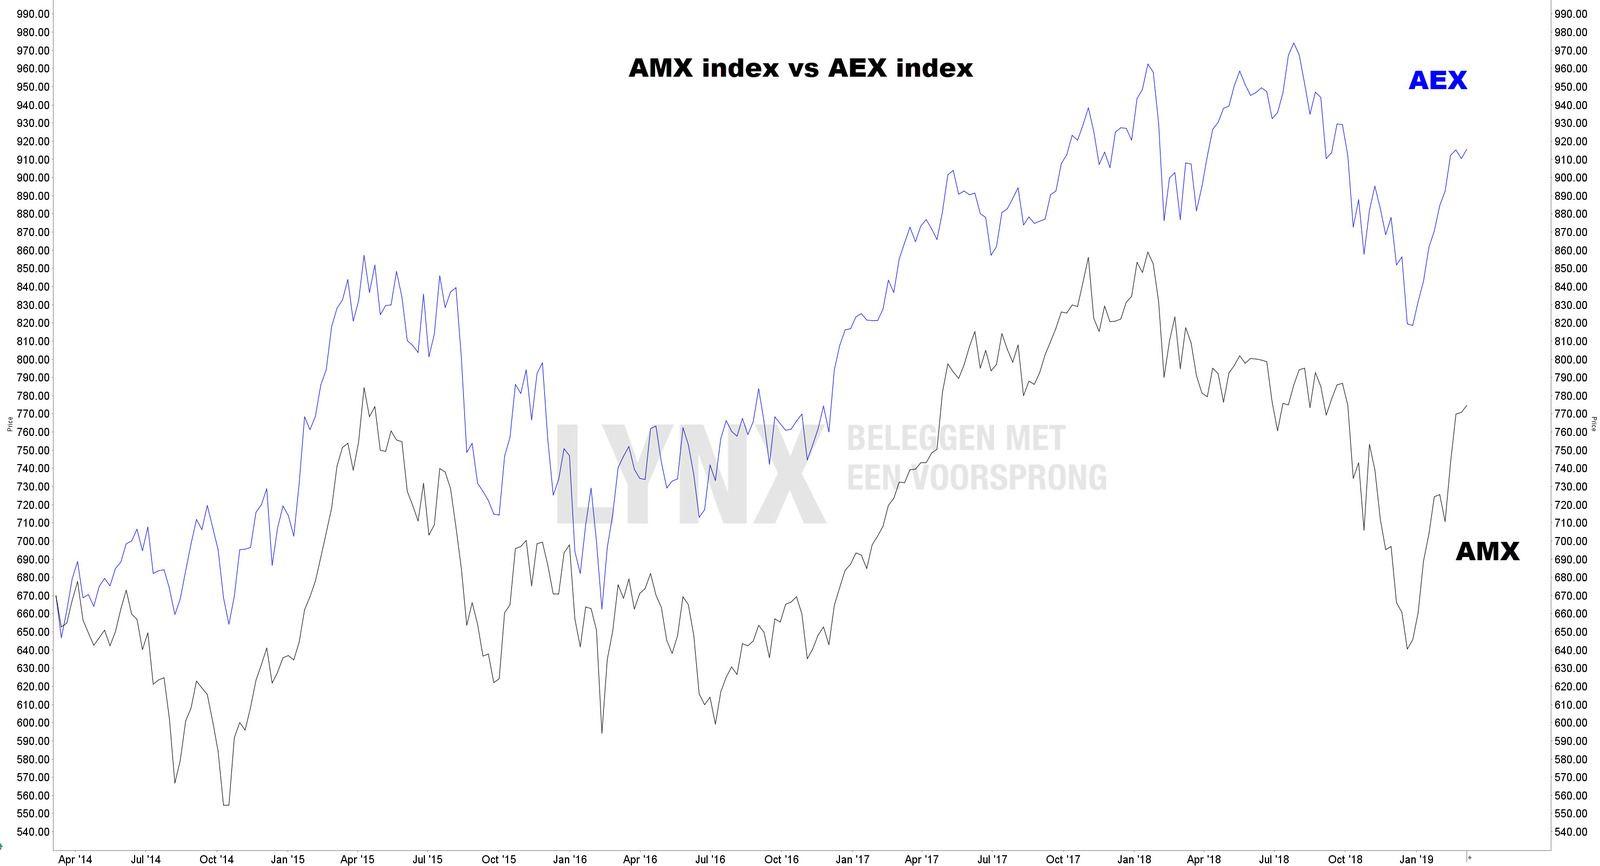 Historische koers AMX index vs AEX